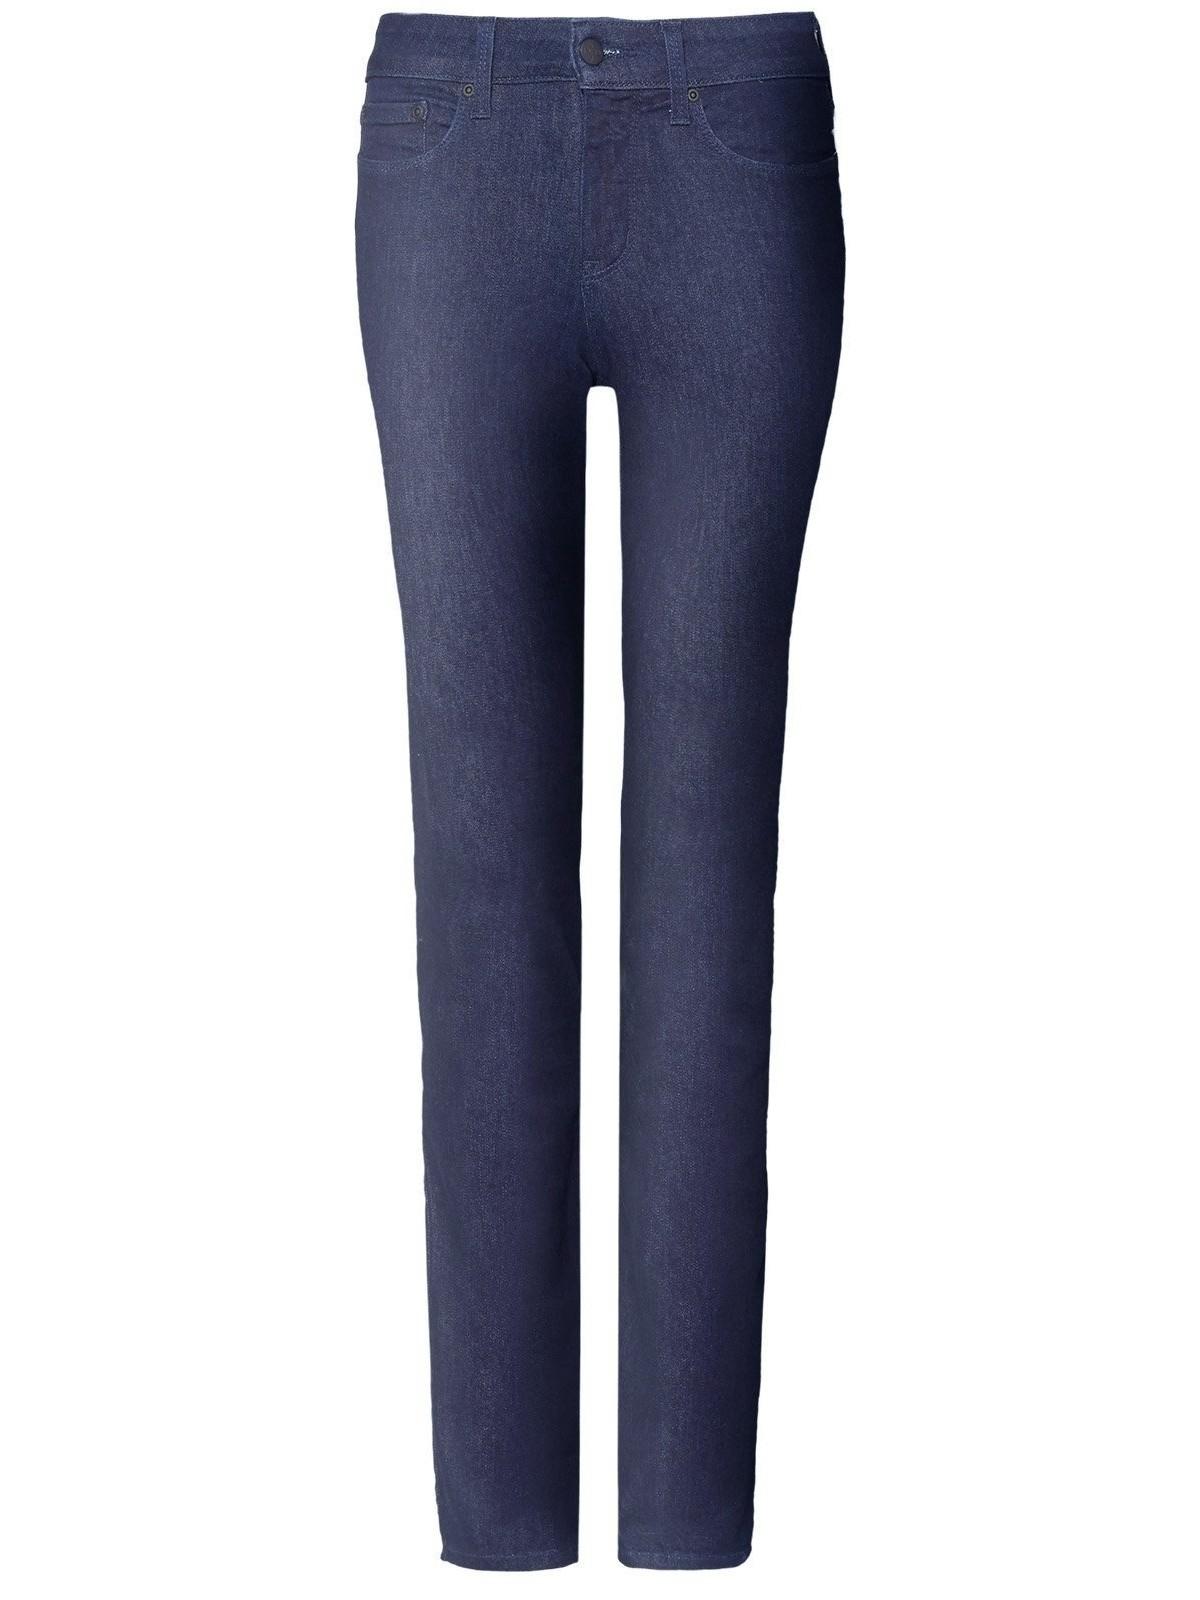 Marilyn Straight Blue Jeans Katie Kerr Women S Clothing Uk